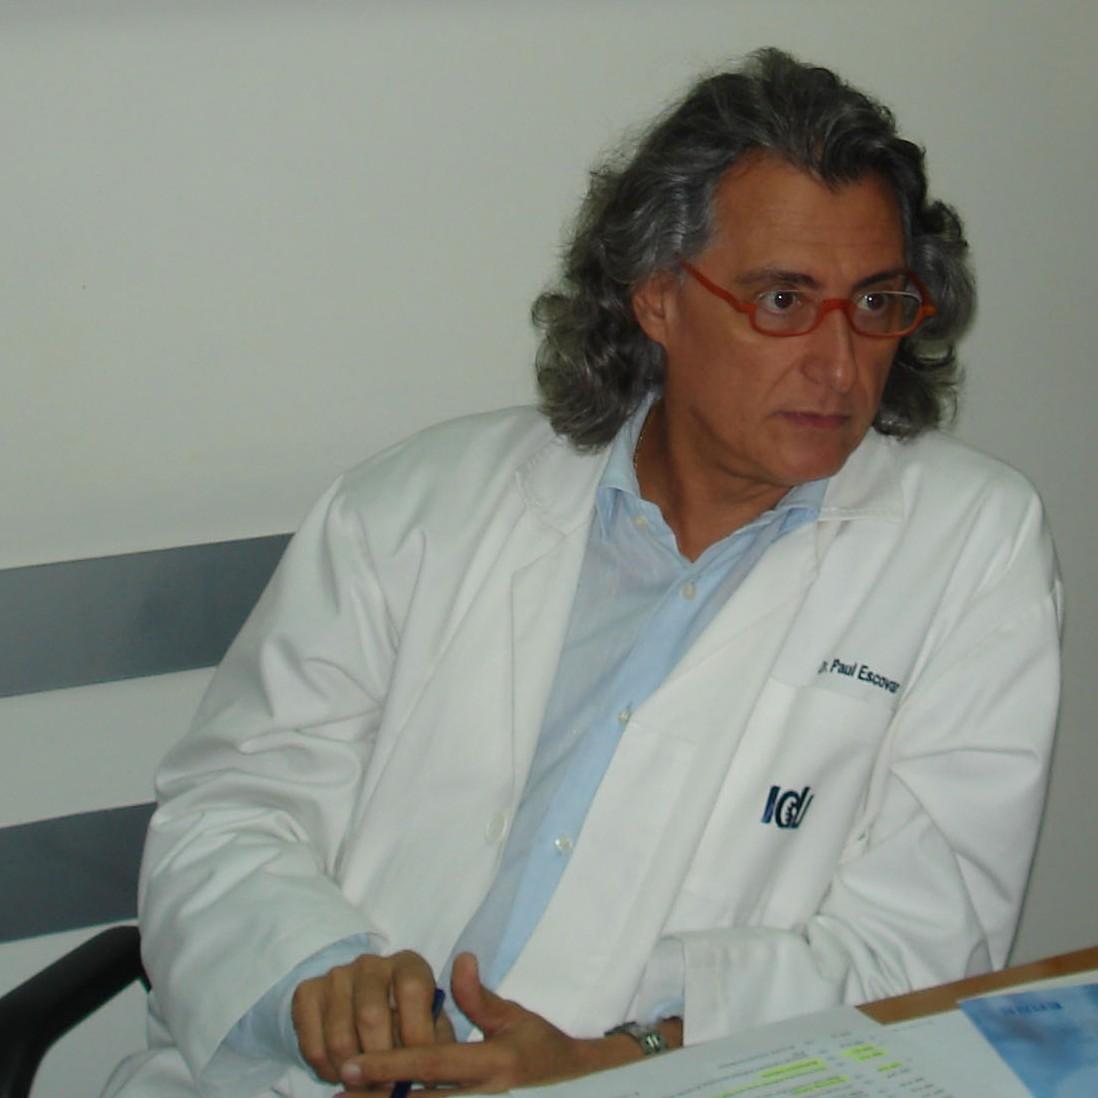 Dr. Paúl Escovar Díaz